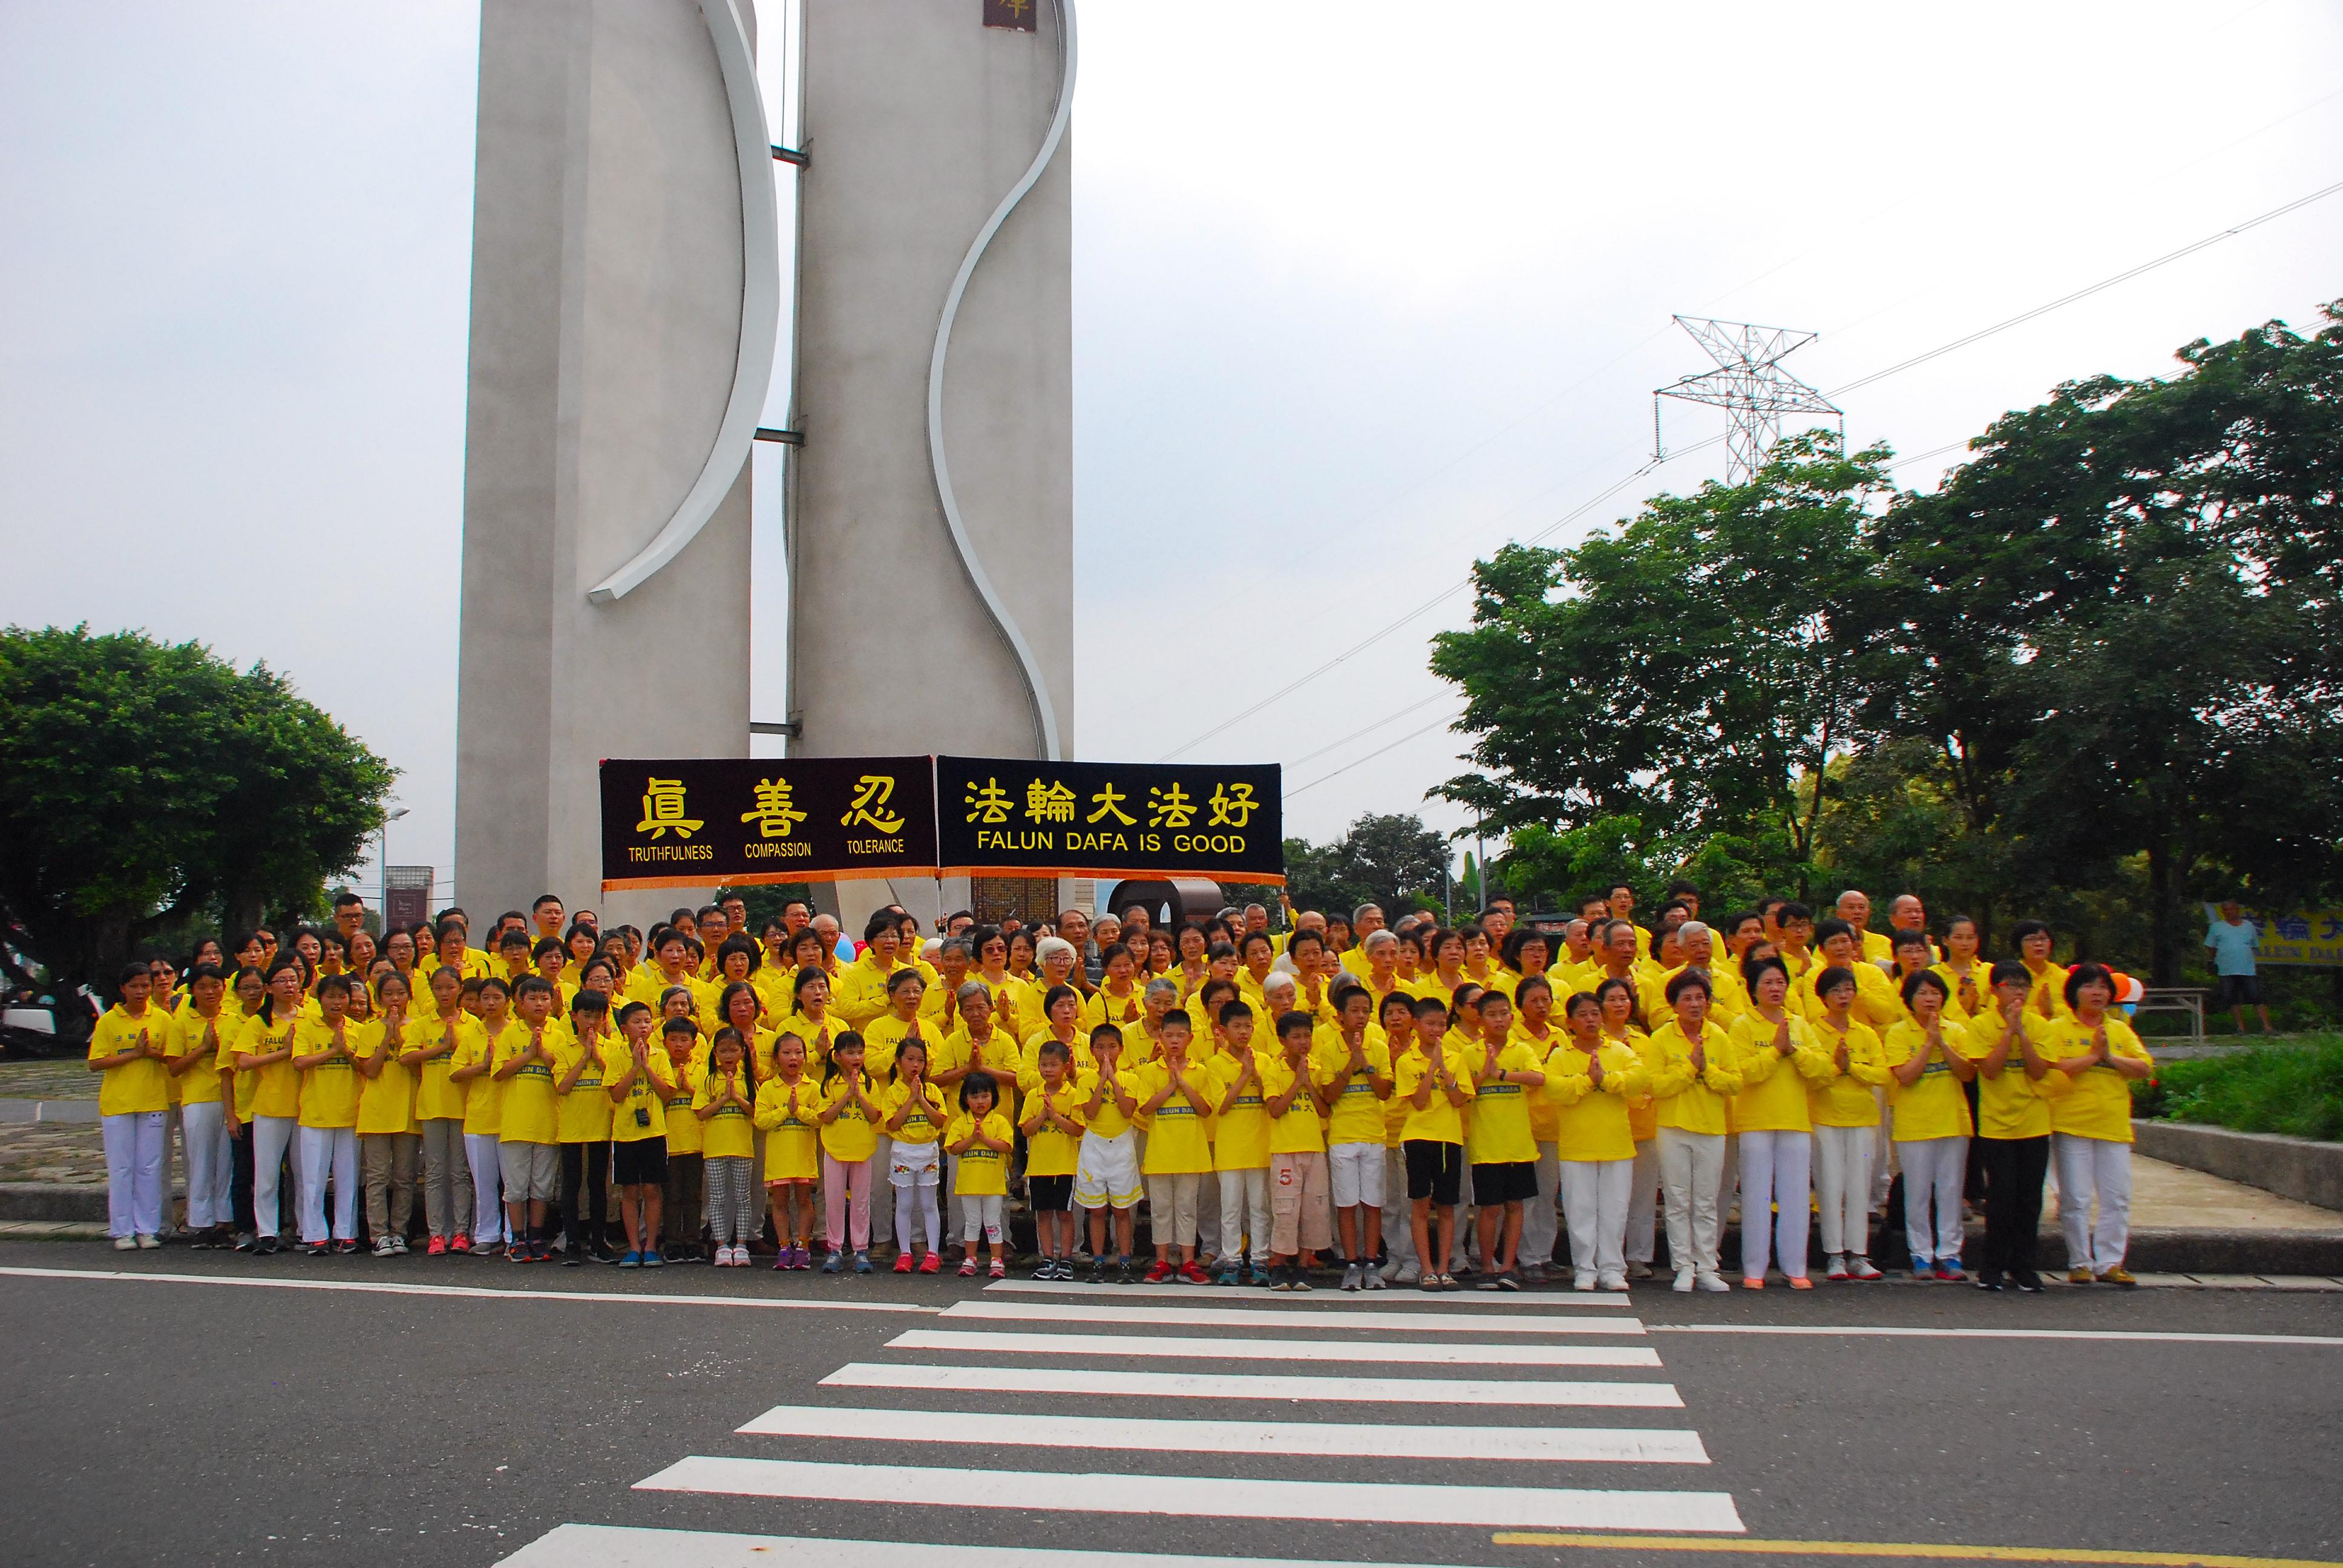 台灣嘉義地區法輪功學員在仁義潭合照向師父祝壽。(明慧網)